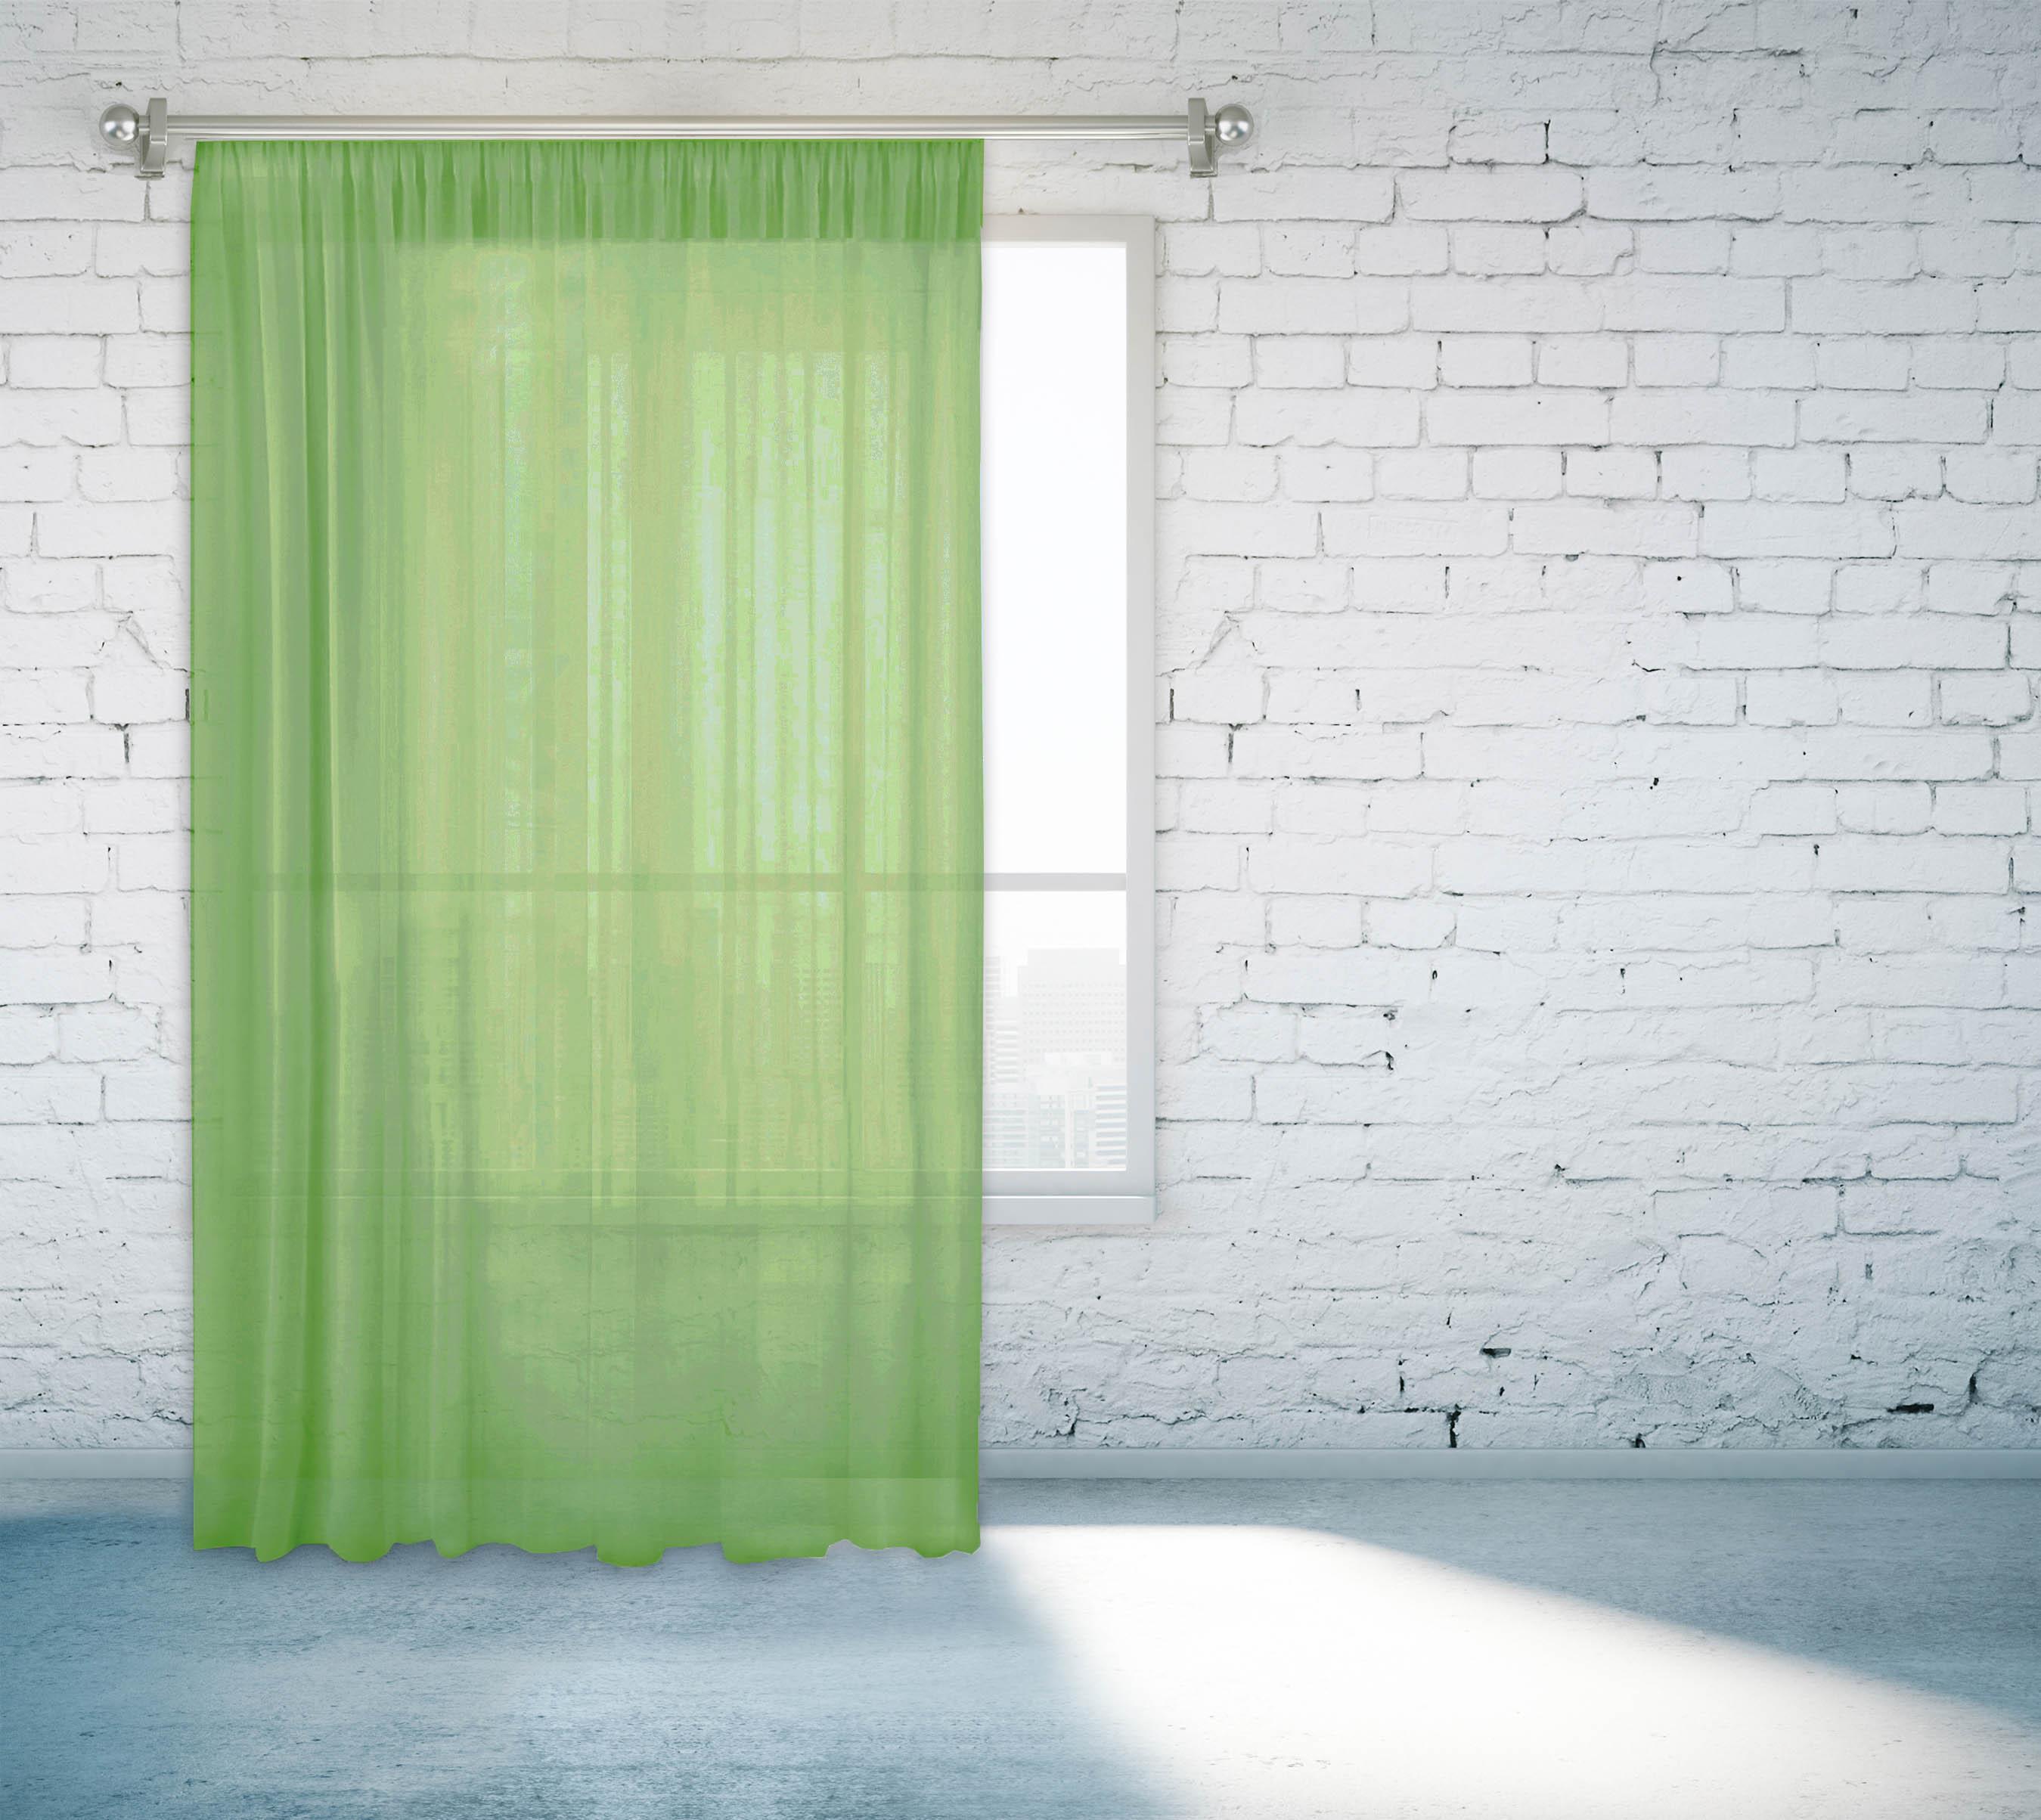 Купить Шторы Zlata Korunka, Классические шторы Adin Цвет: Зеленый, Россия, Вуаль